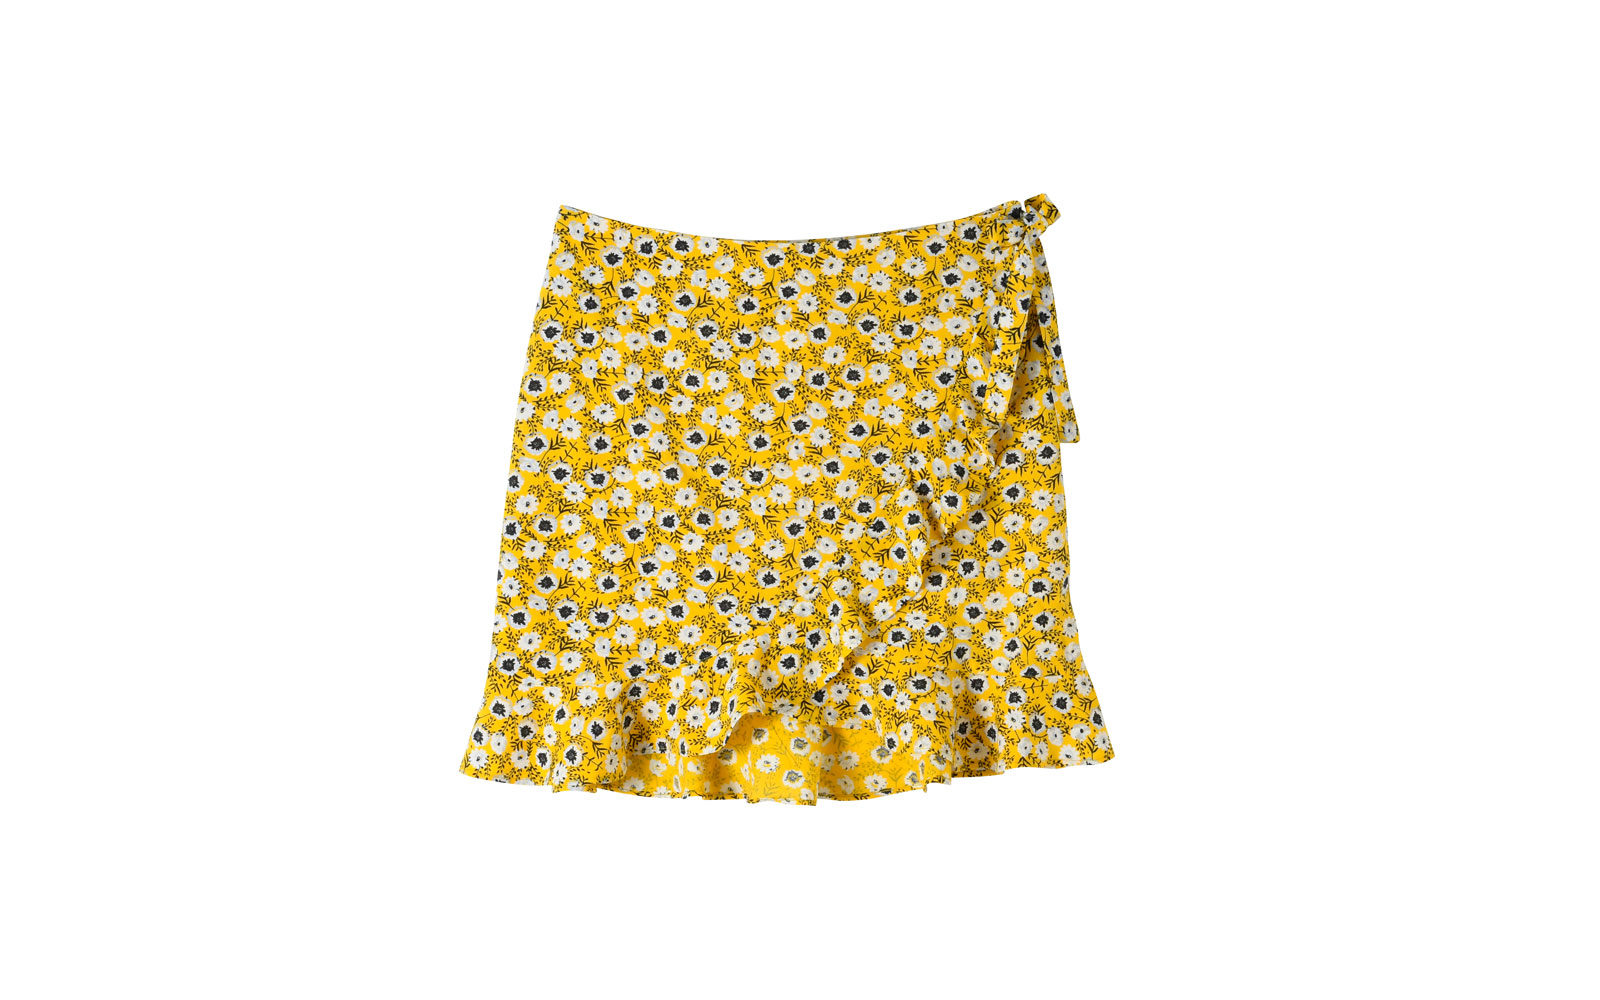 KIABI gonnellina in cotone giallo e fantasia  floreale.  15 euro     www.kiabi.it